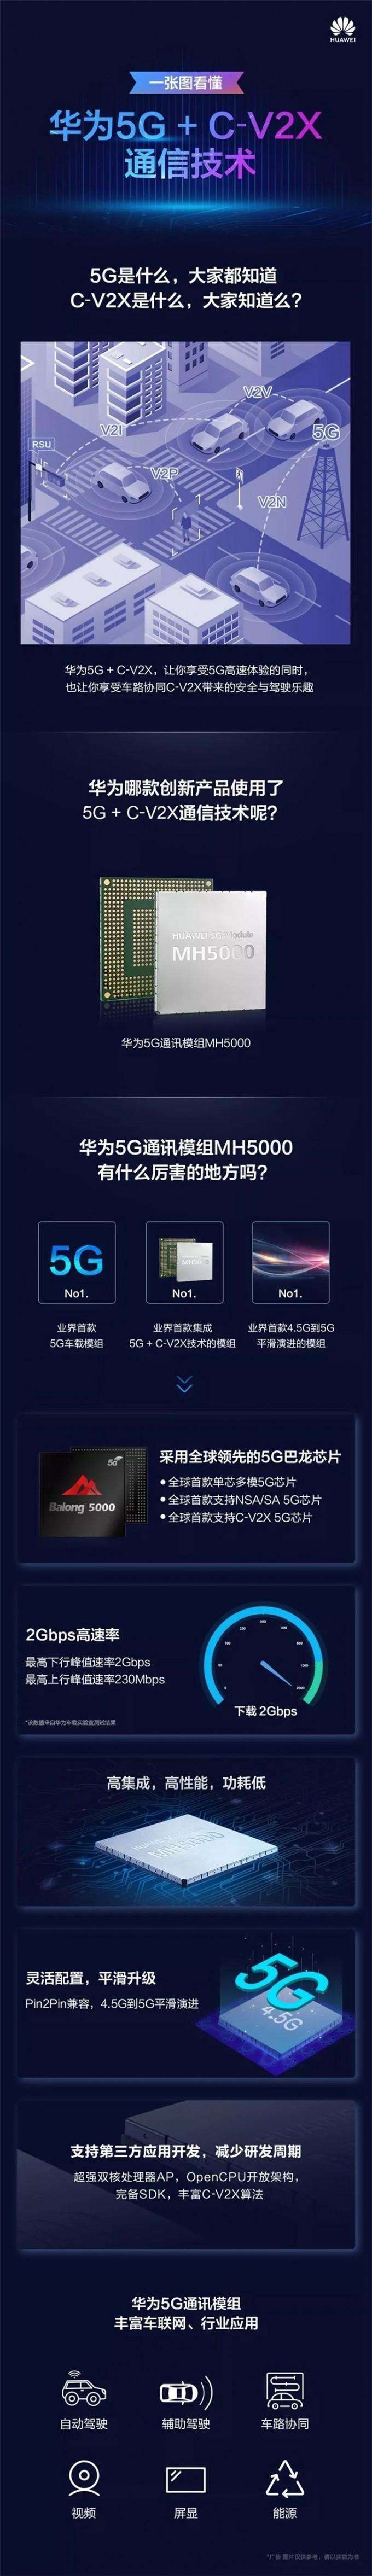 一图看懂华为5G+C-V2X车载通信技术